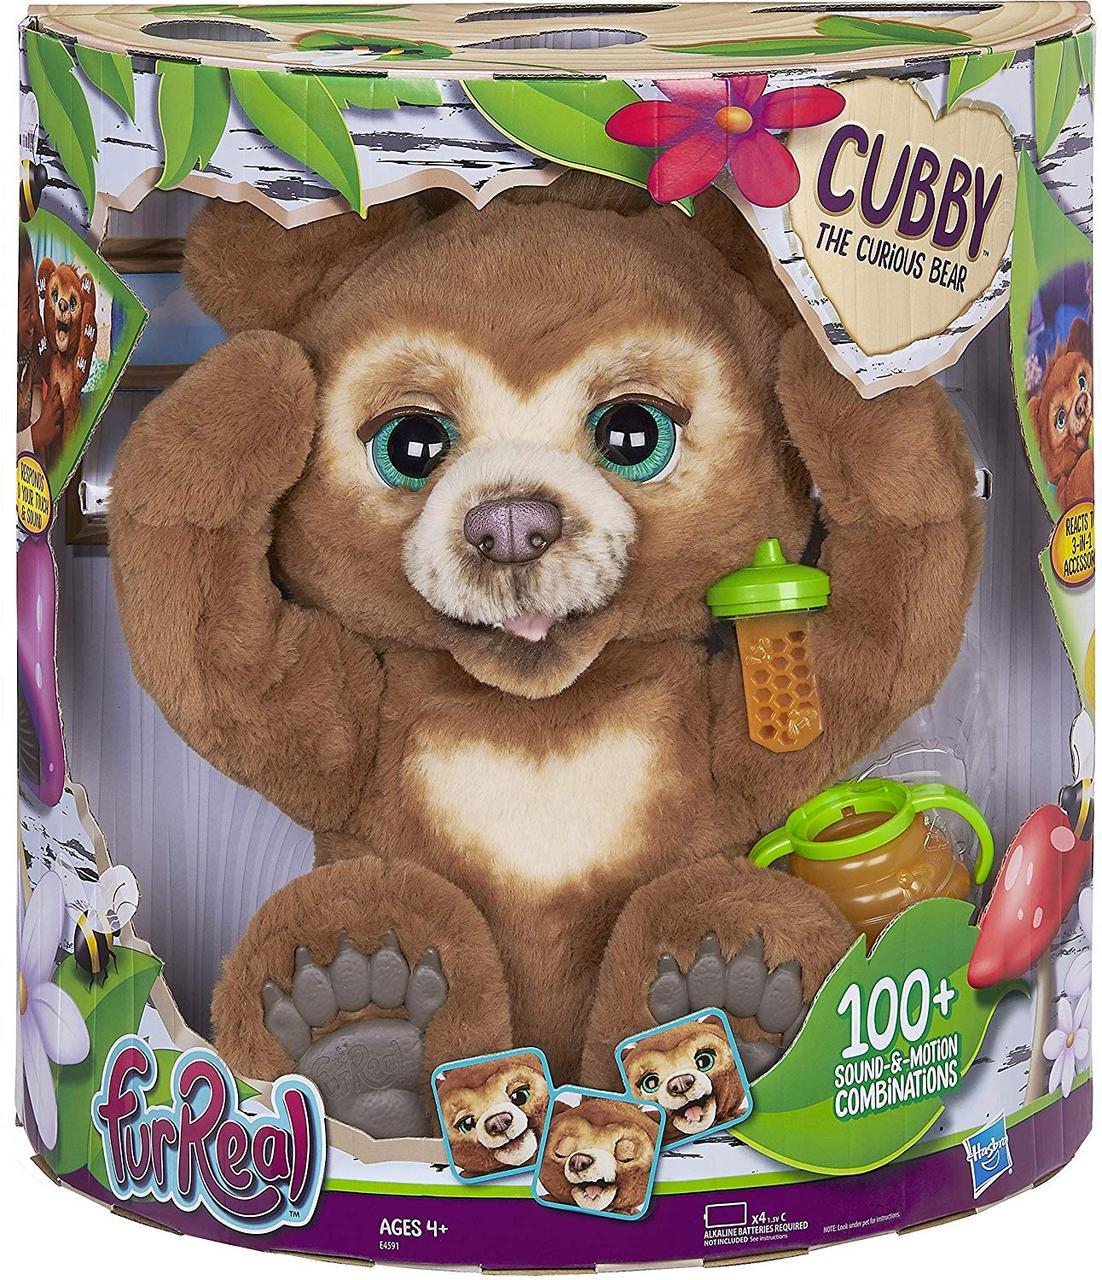 Интерактивный любопытный мишка, Медвежёнок Кубби. FurReal Friends Cubby The Curious Bear